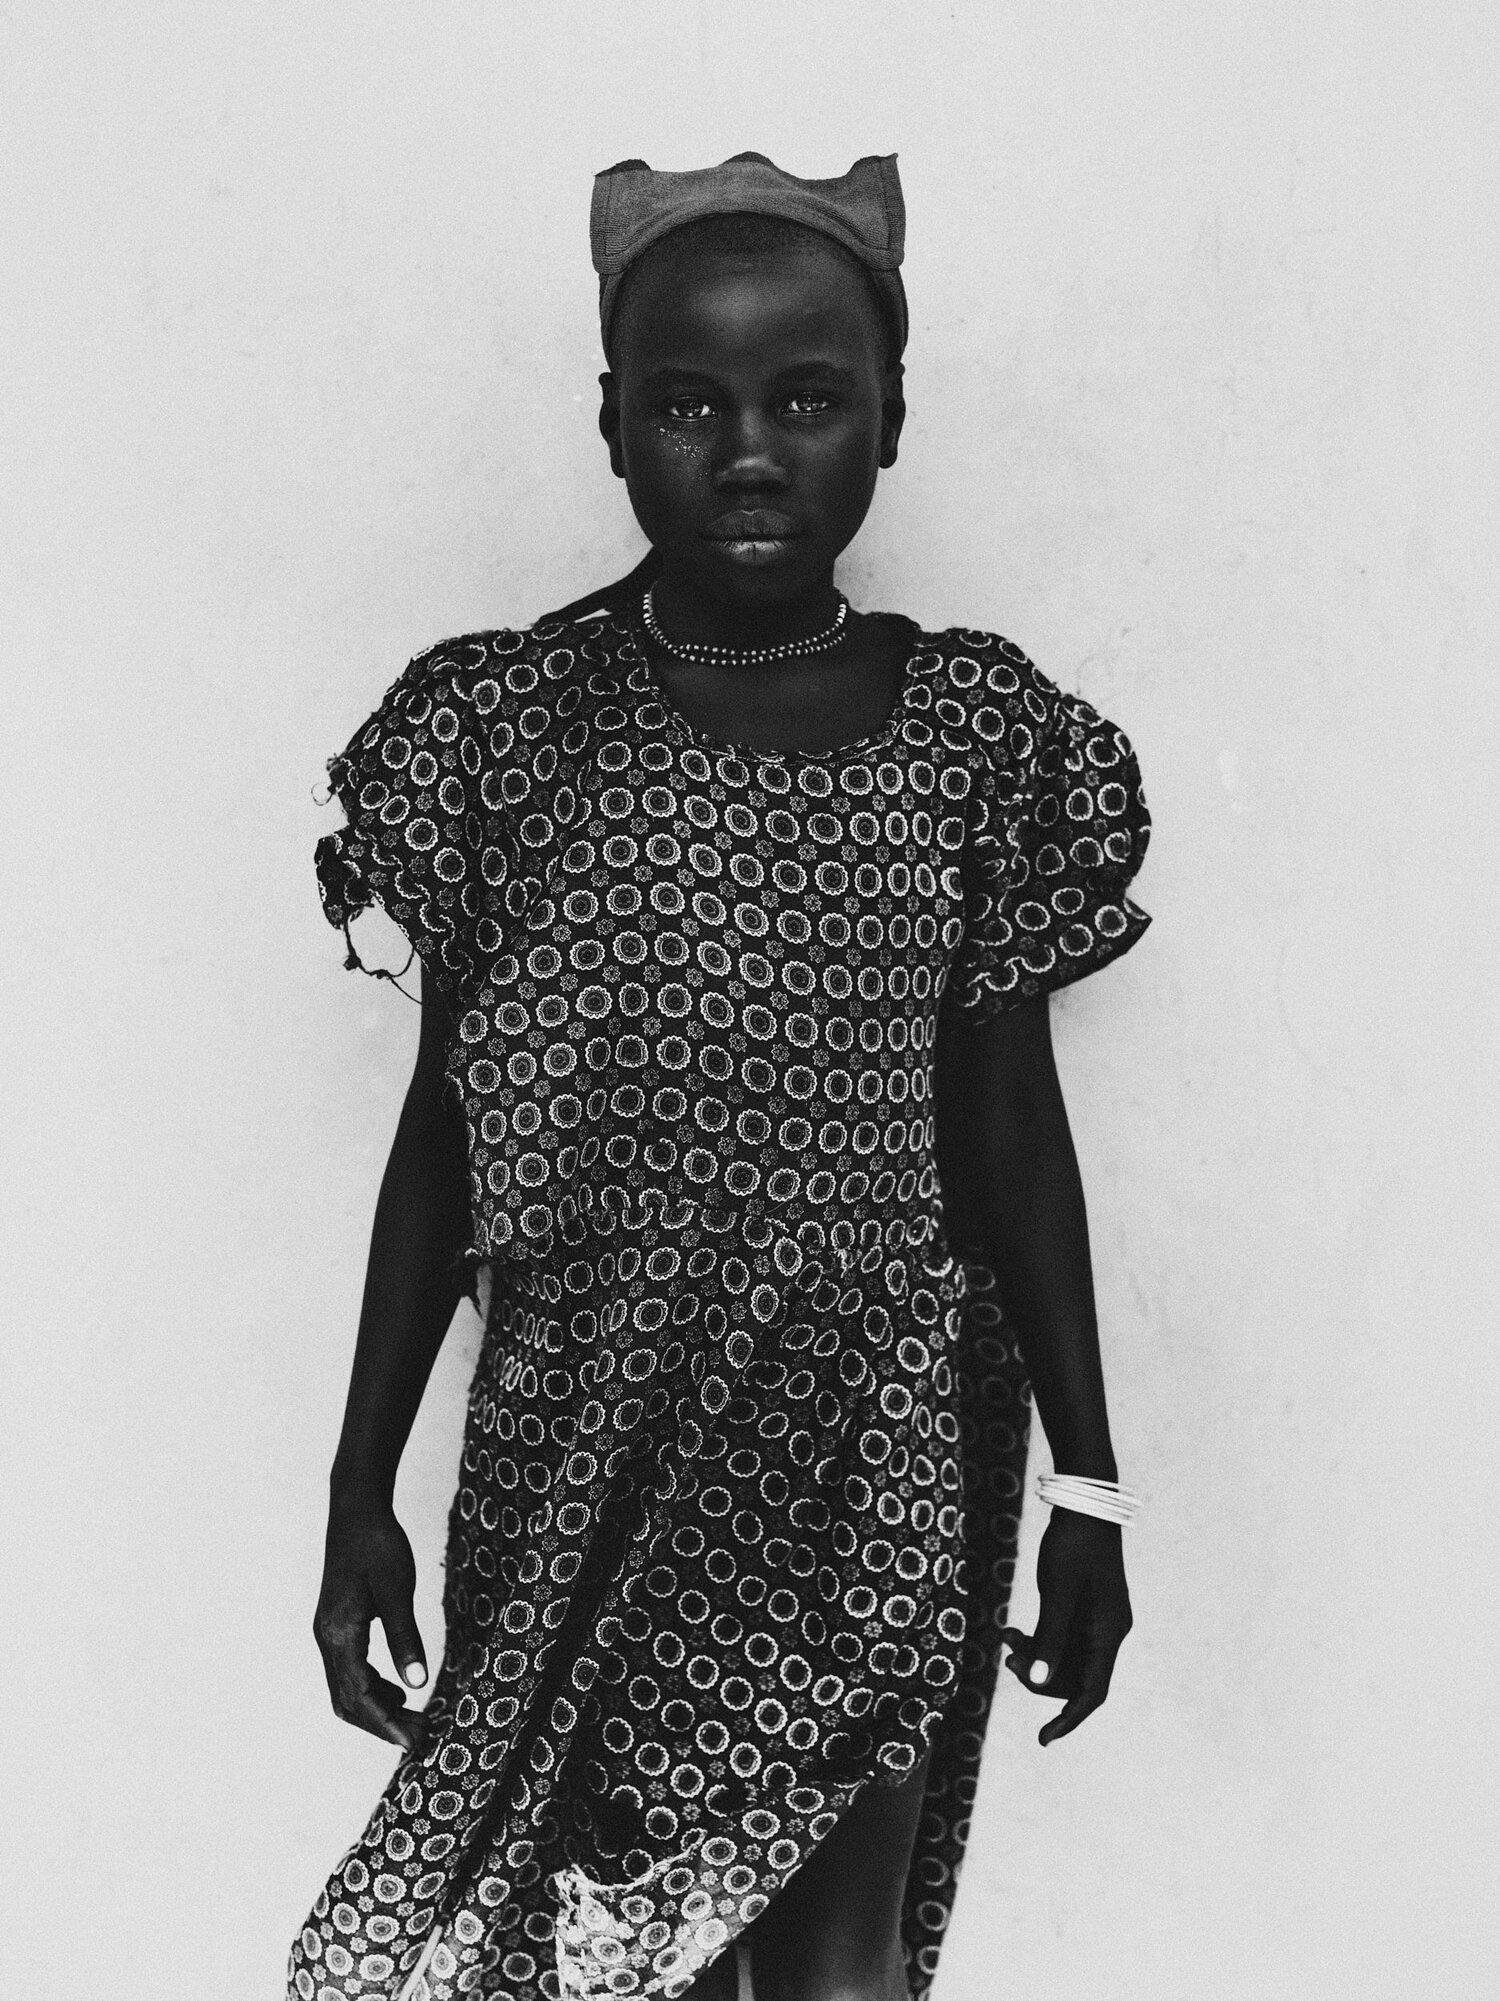 Black & White fotografia di Bastiaan Woudt, ragazza, Uganda, ritratto, Africa, dalla sua serie Mukono